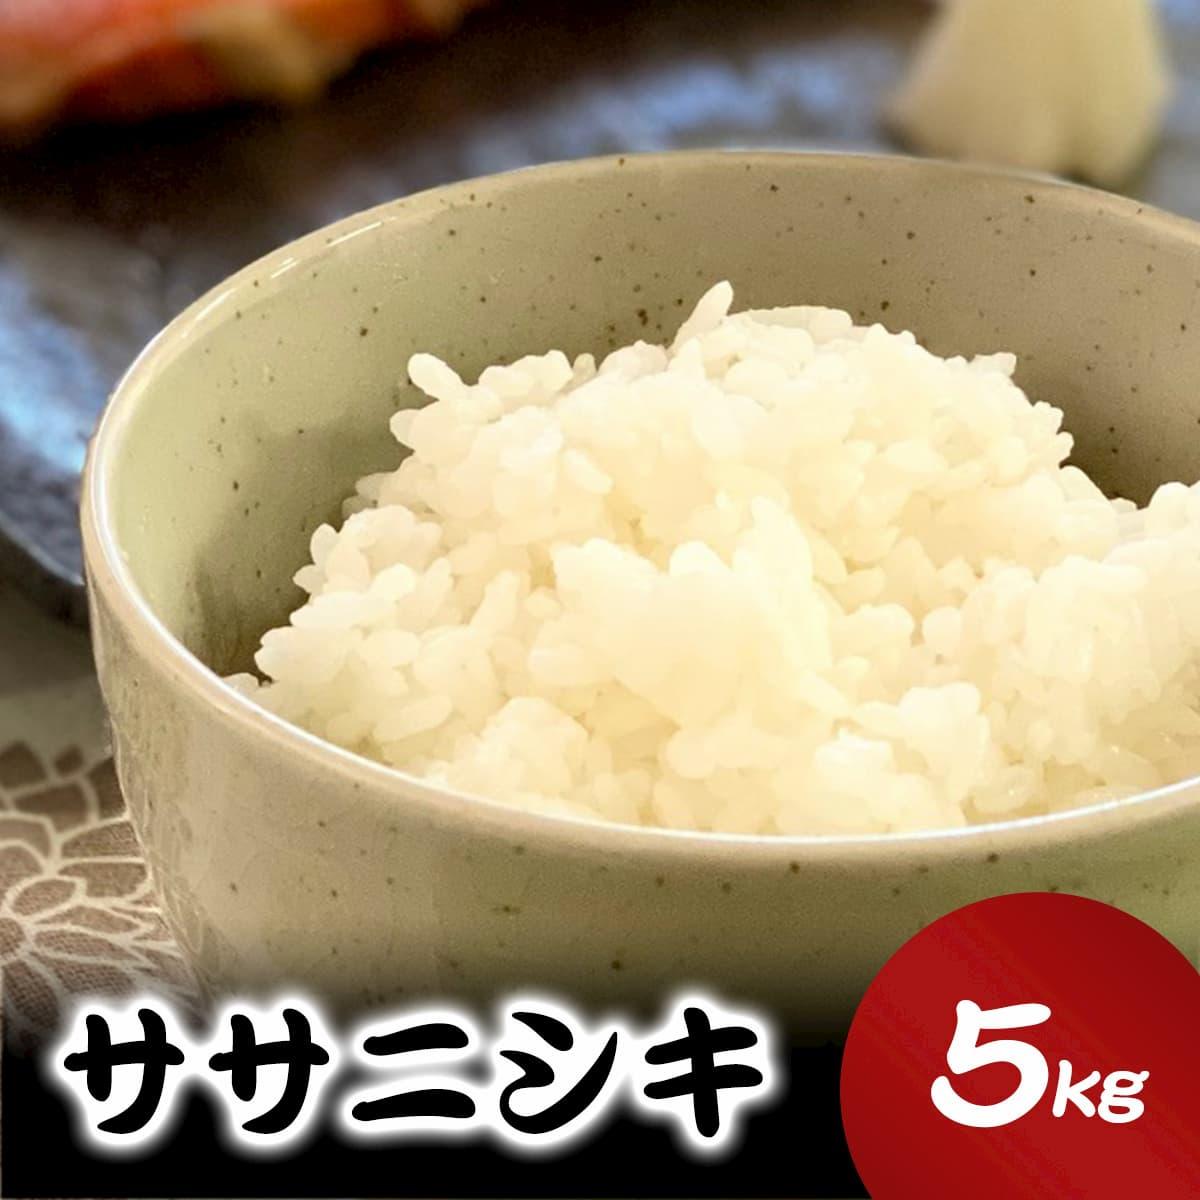 【ふるさと納税】いしのまき産米「ササニシキ」(精米)5kg